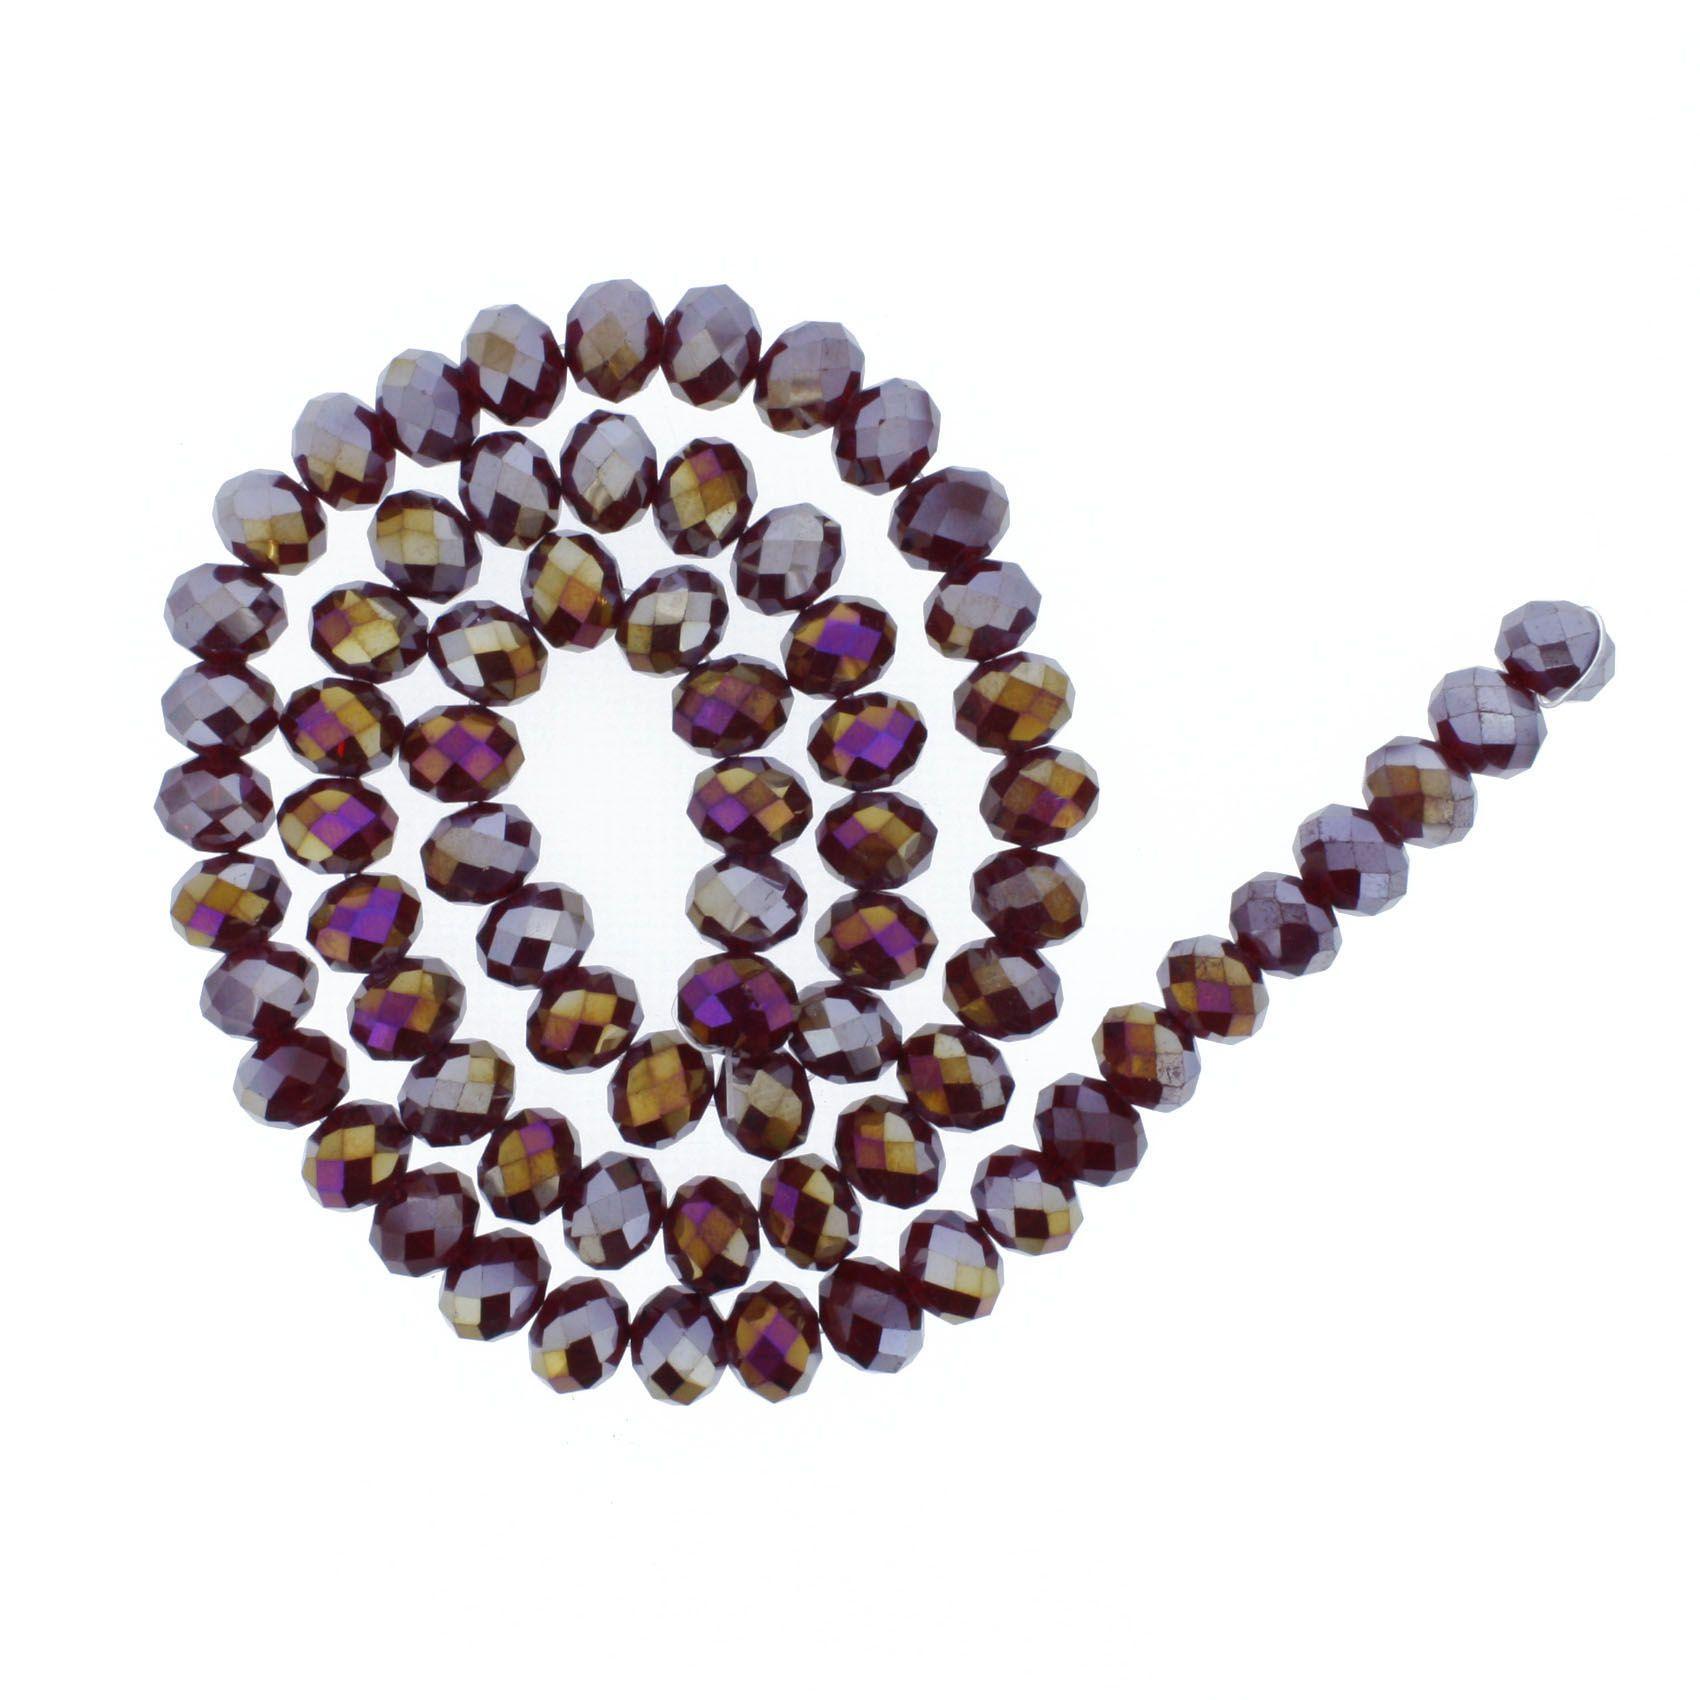 Fio de Cristal - Flat® - Vermelho Escuro Irizado - 10mm  - Stéphanie Bijoux® - Peças para Bijuterias e Artesanato